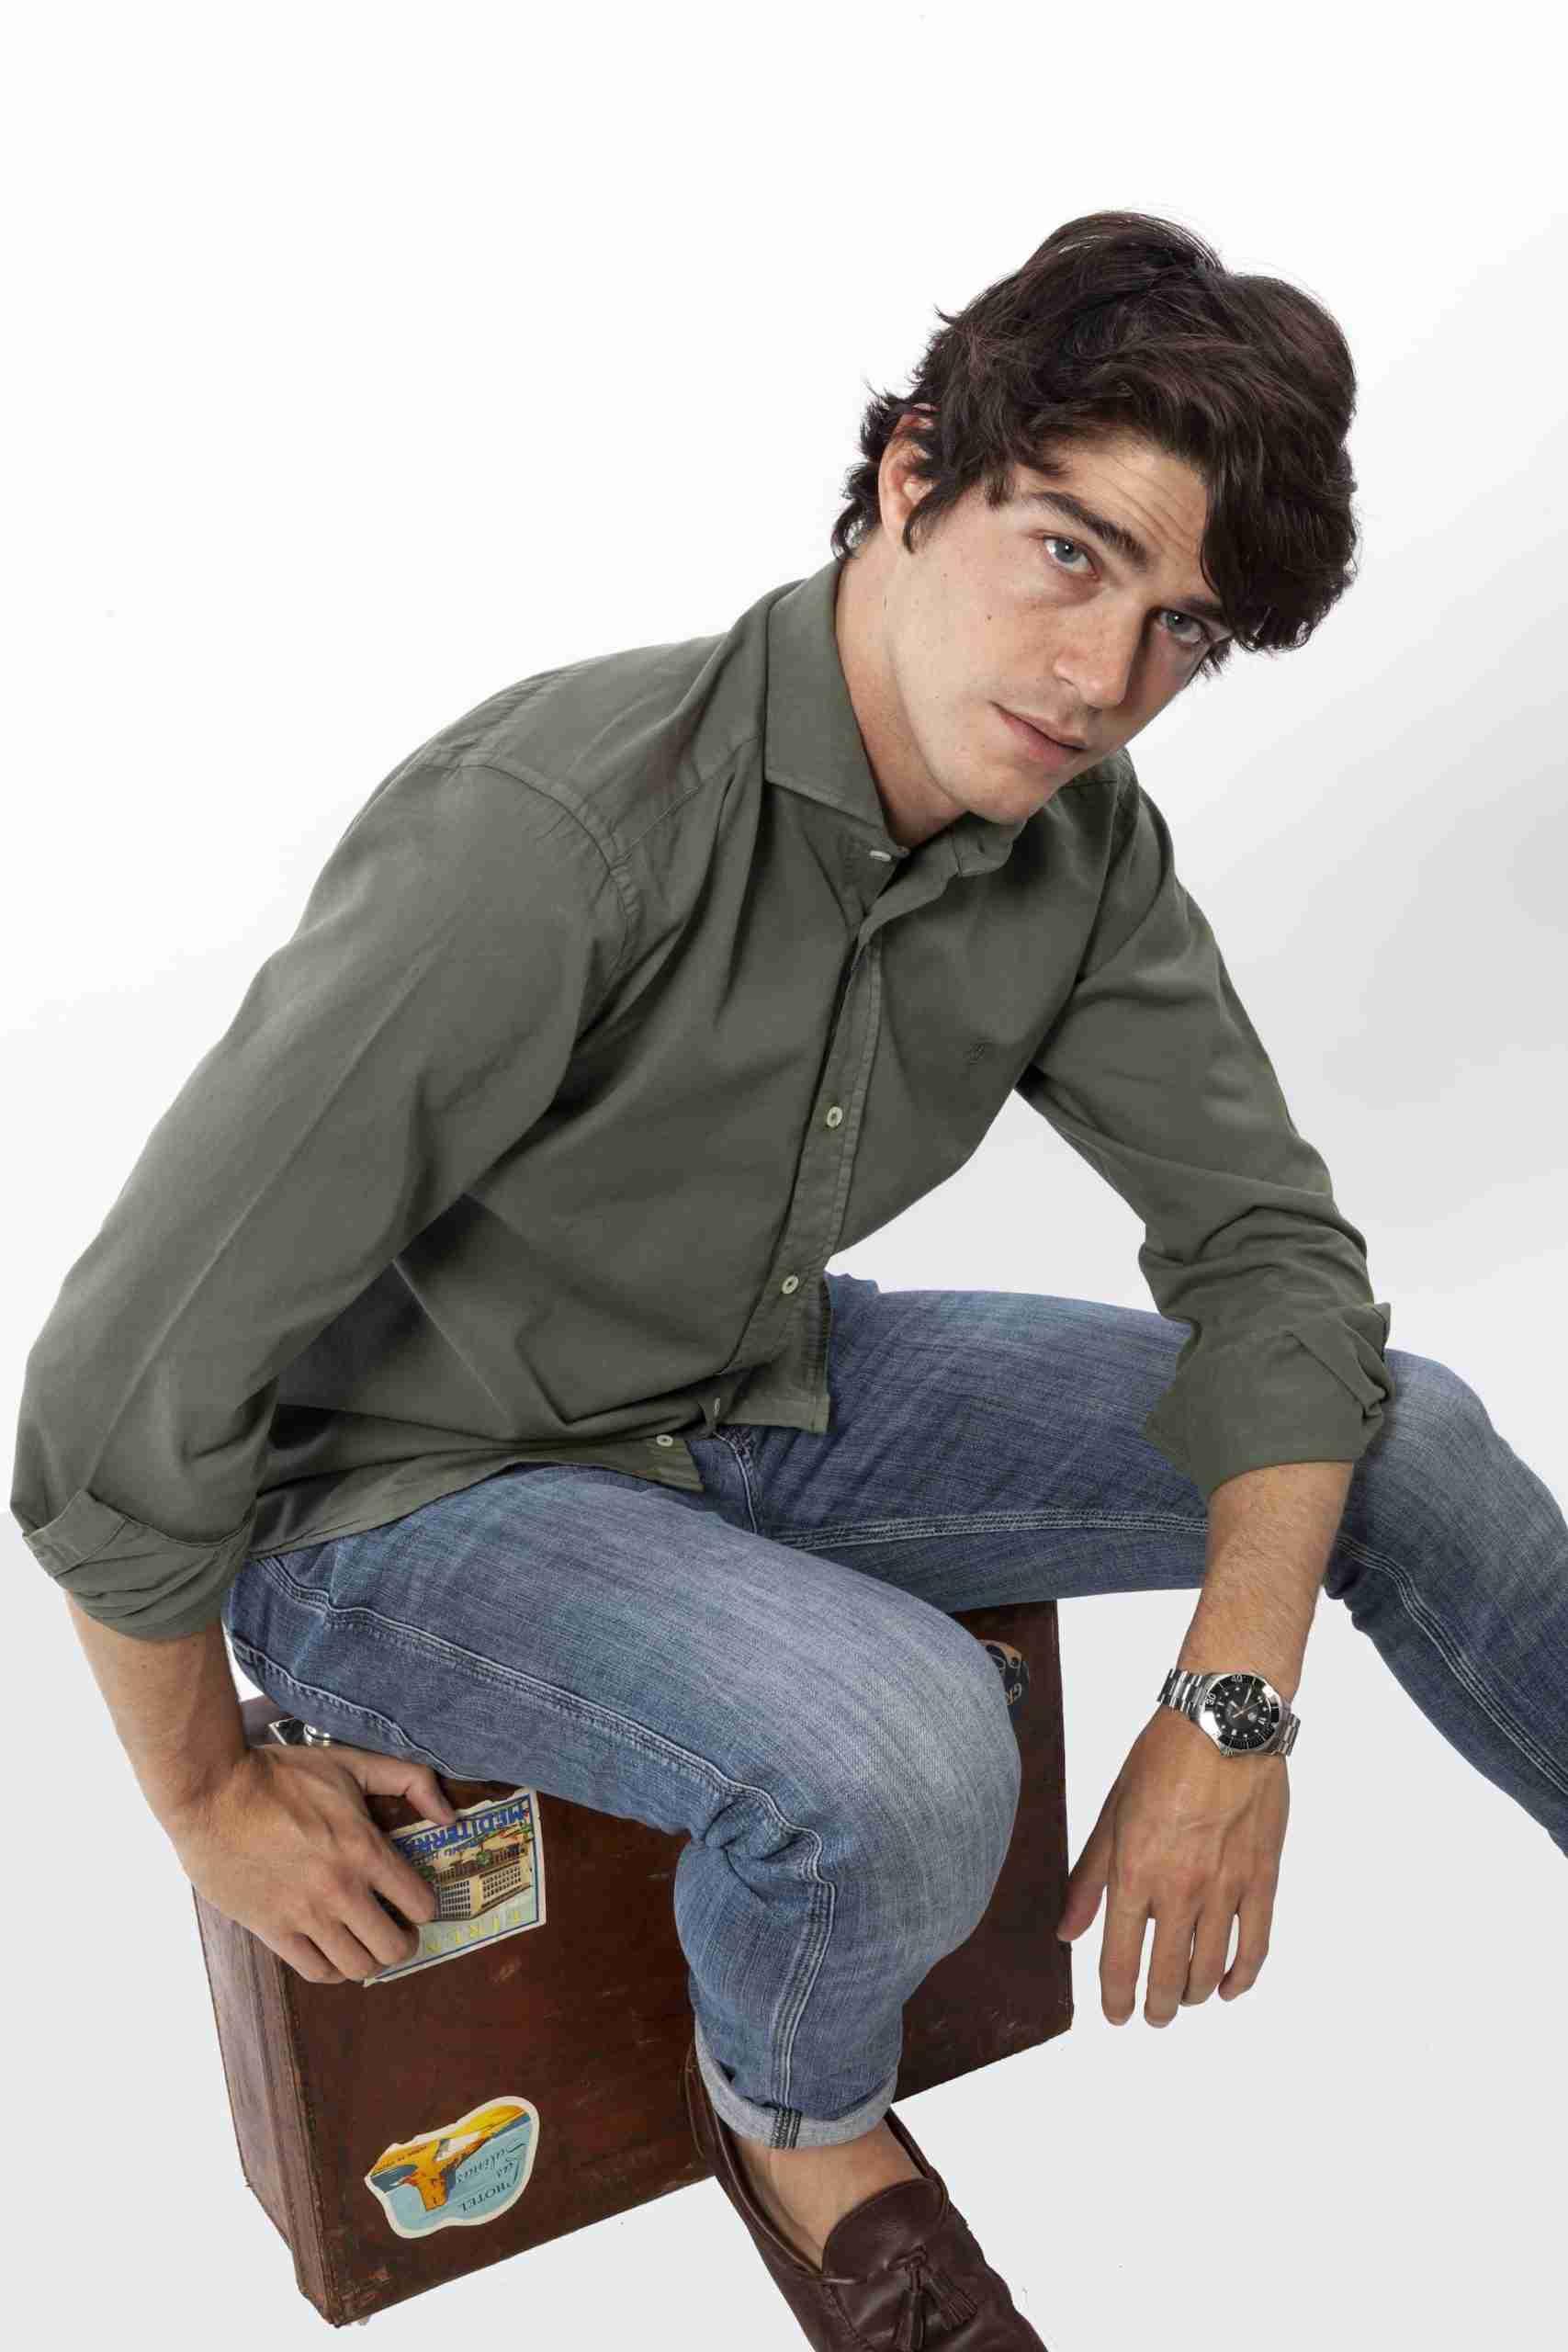 Pepper, una marca de ropa online que busca hacerse un hueco en el mercado textil Español 3